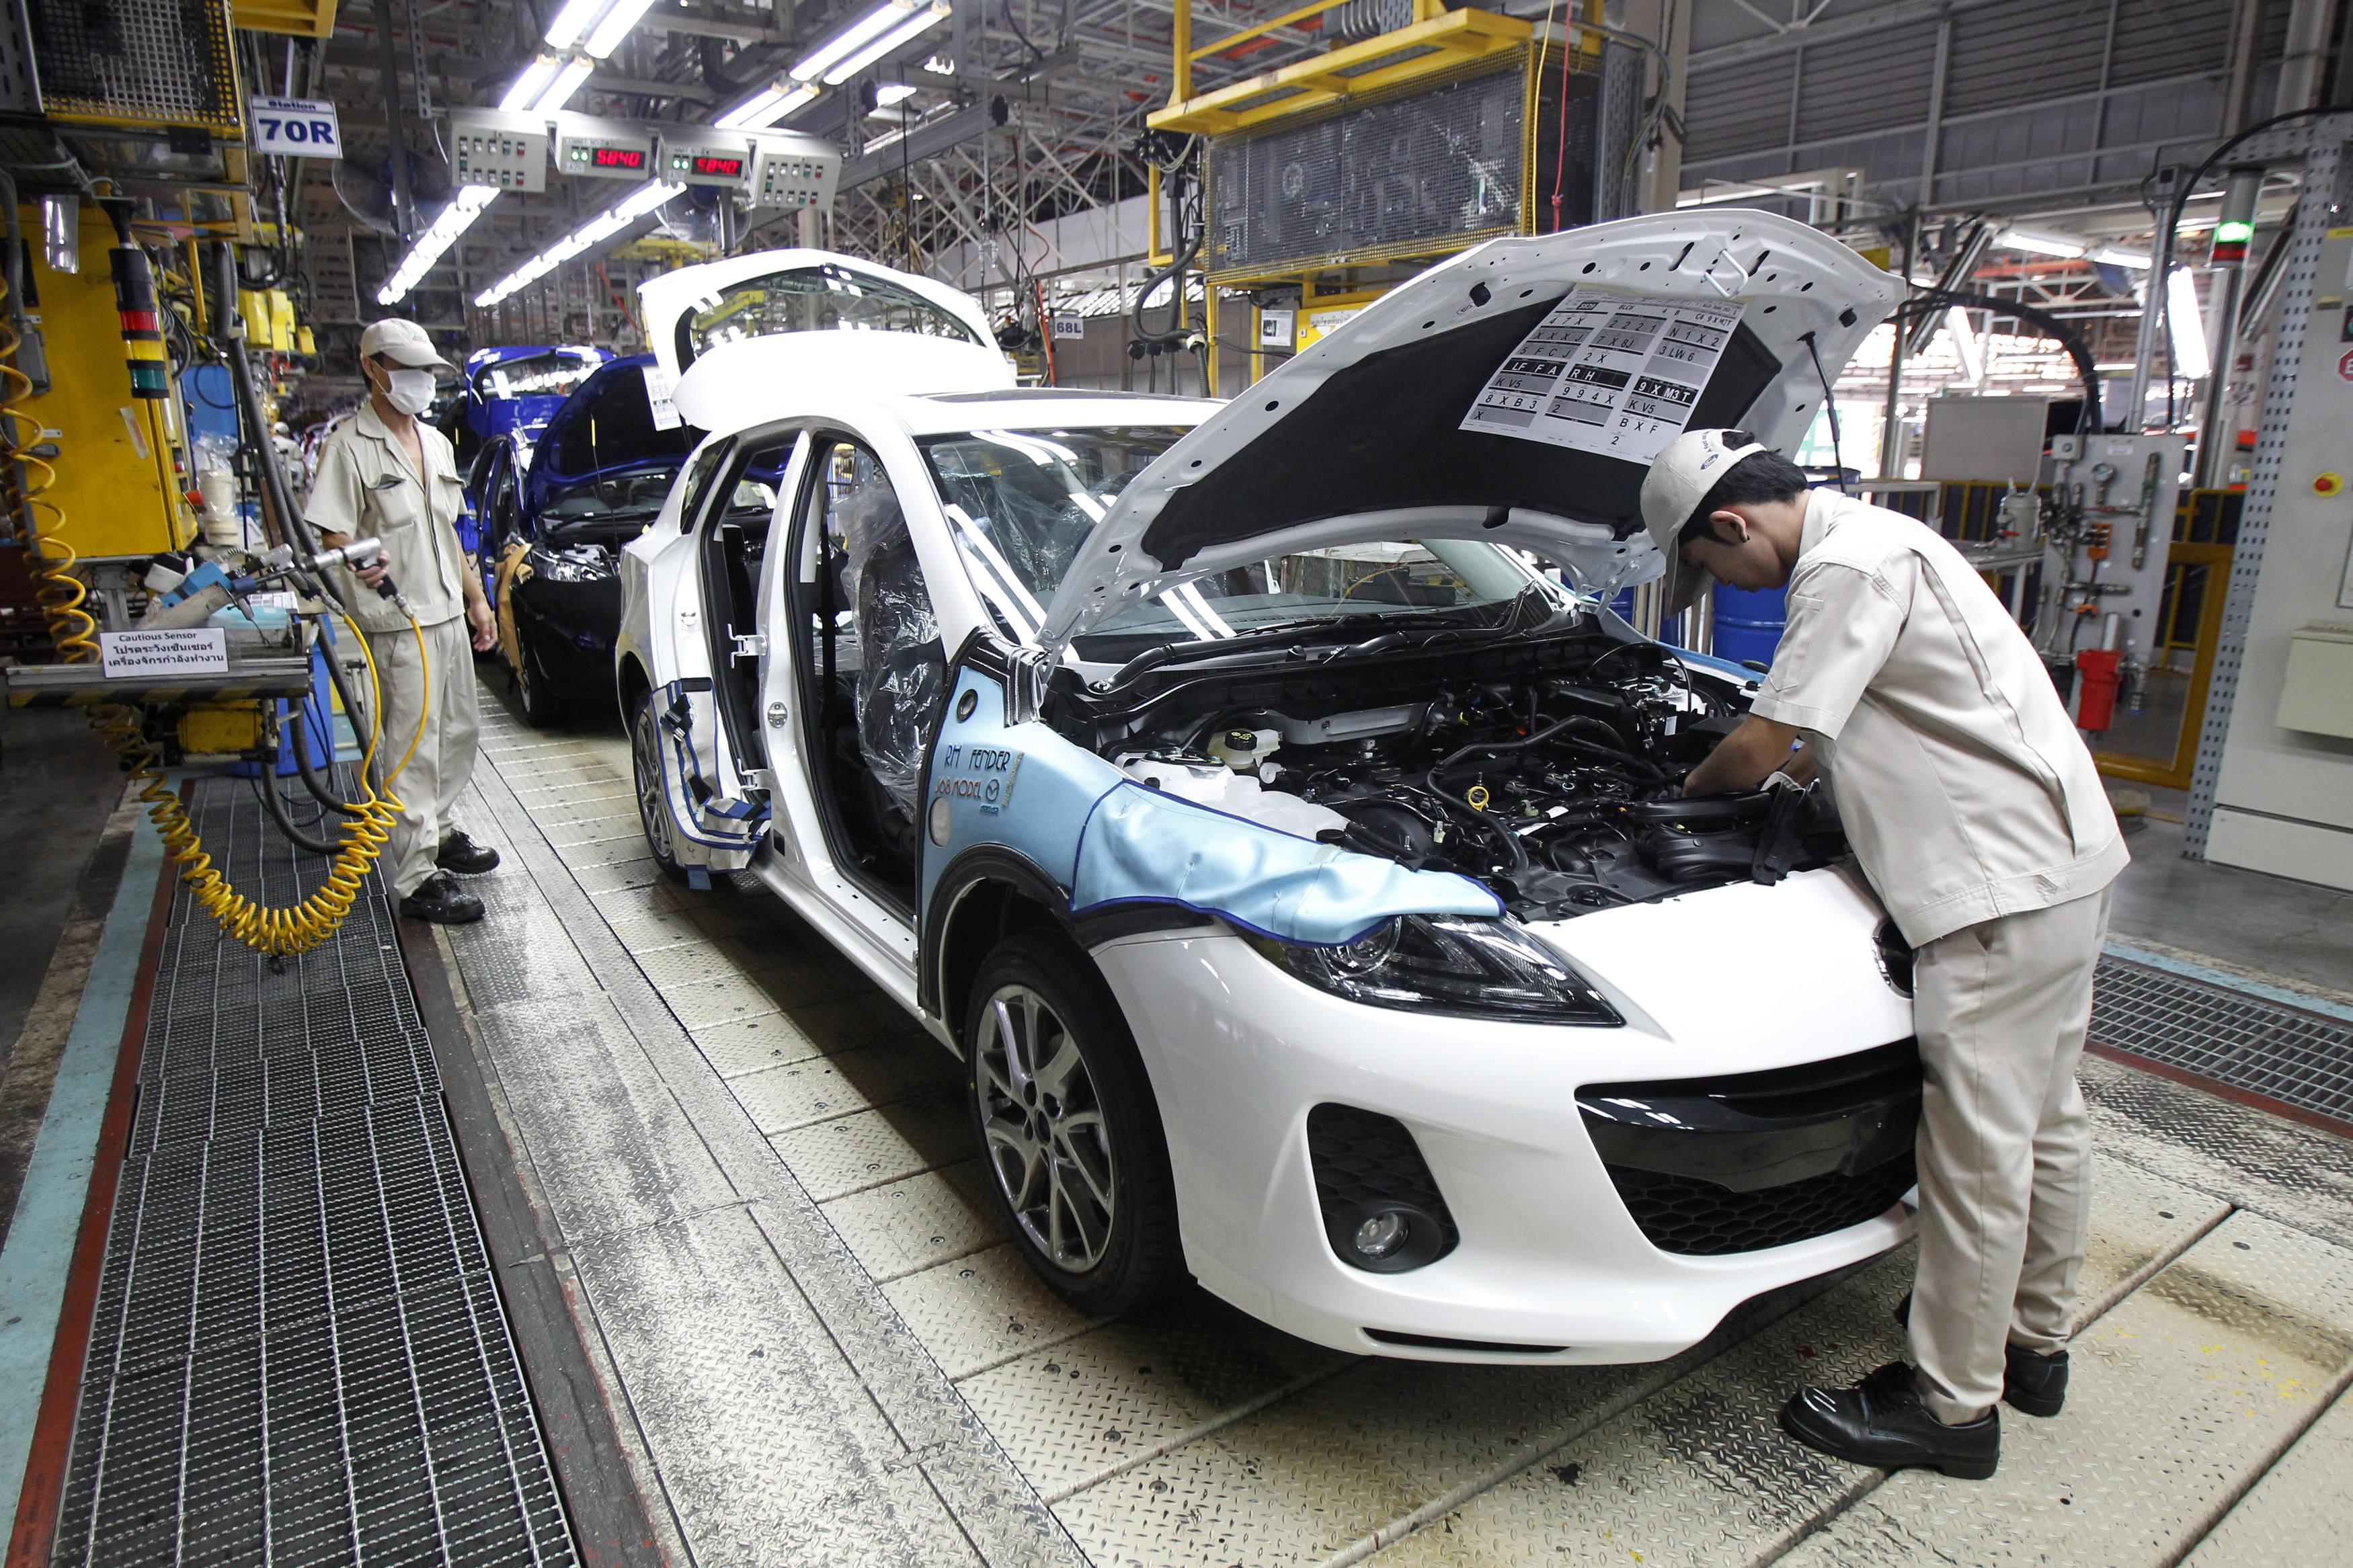 Quốc gia Đông Nam Á nào tiêu thụ nhiều ôtô nhất nửa đầu năm 2020? - Ảnh 1